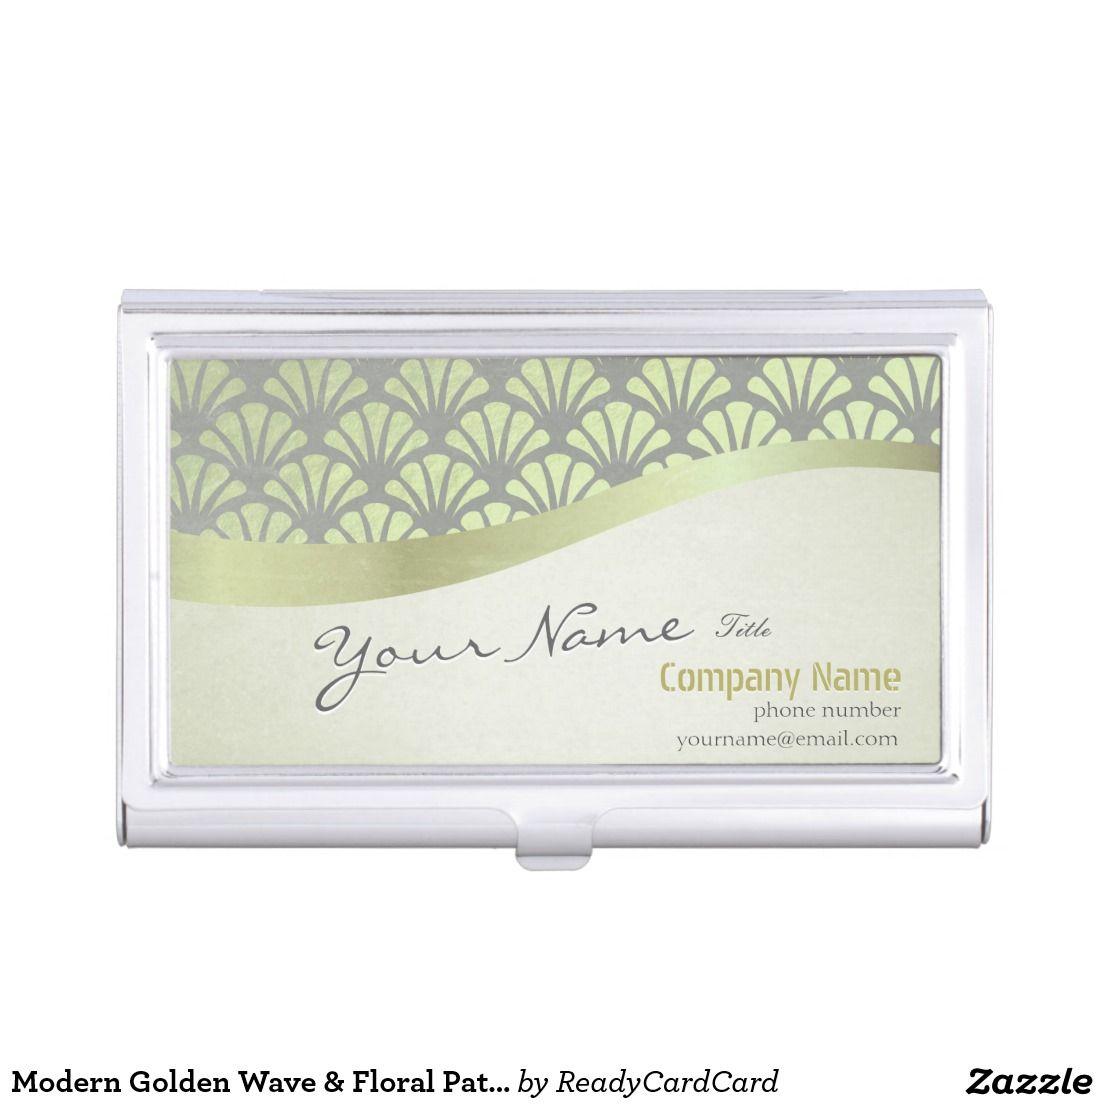 Modern Golden Wave & Floral Pattern Makeup Artist Business Card Holder